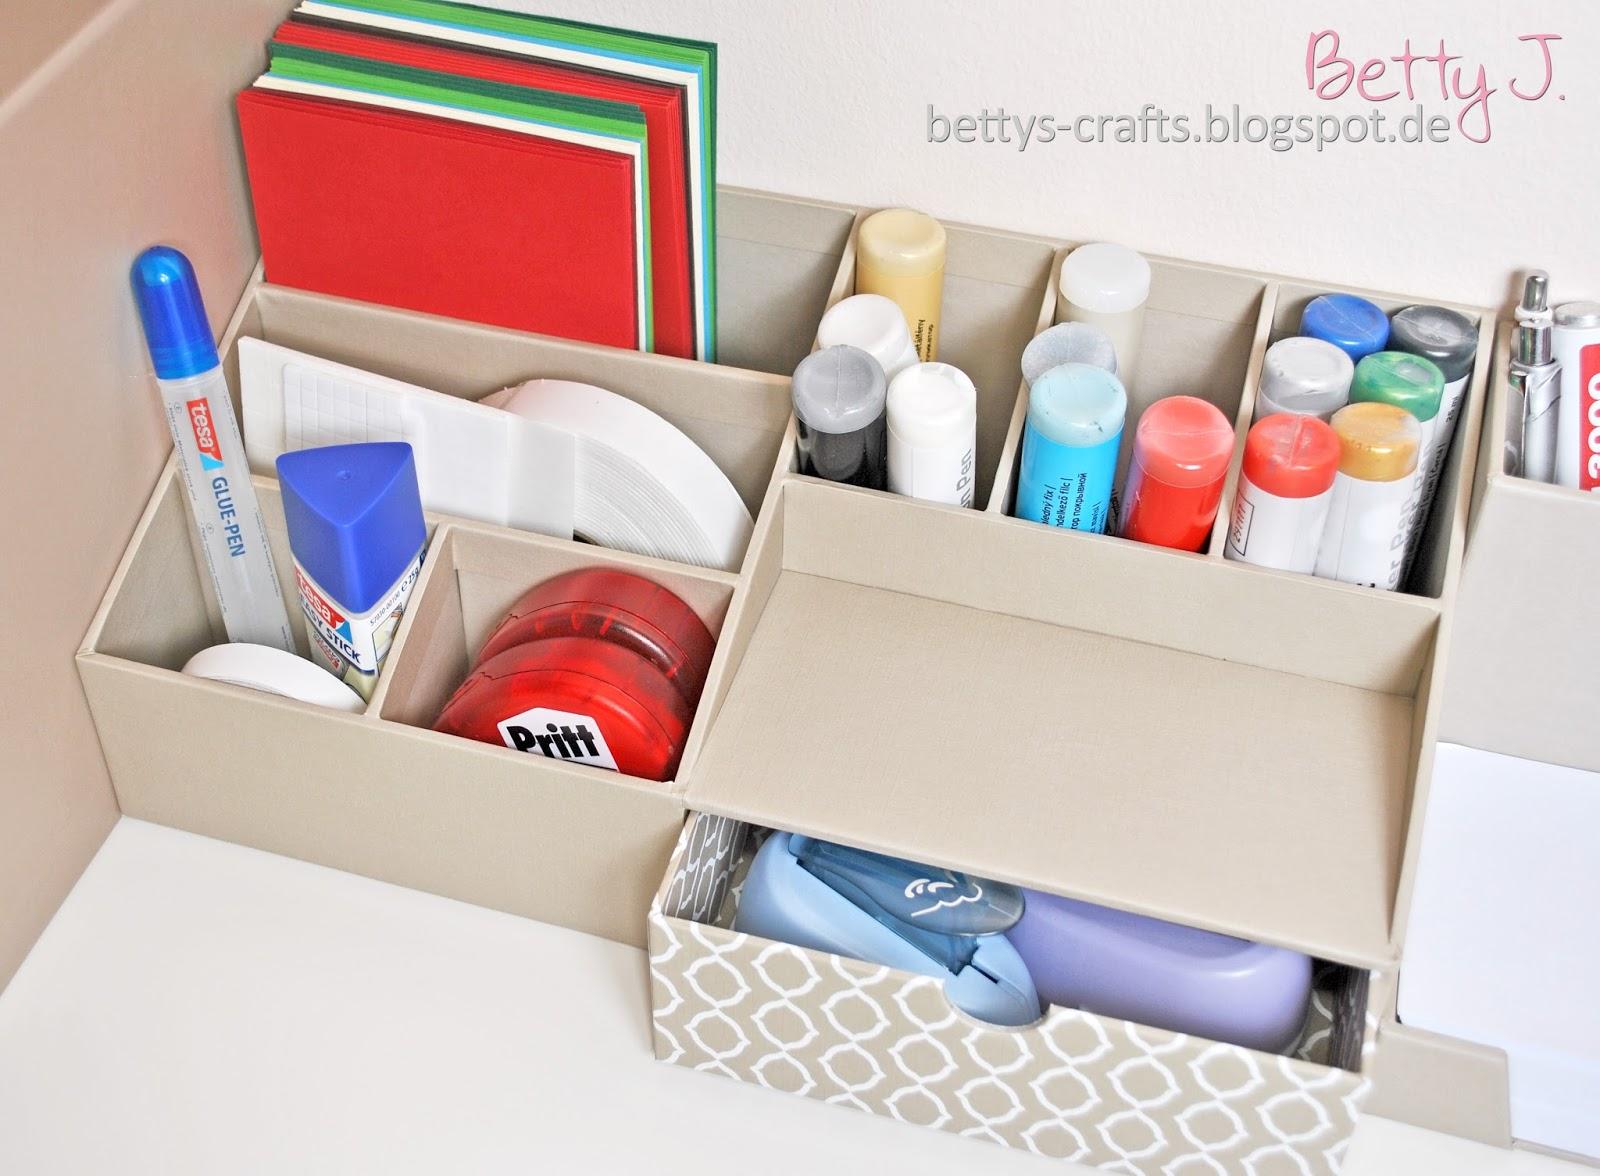 bettys crafts tchibo paket auspacken zum thema ordnung am schreibtisch. Black Bedroom Furniture Sets. Home Design Ideas